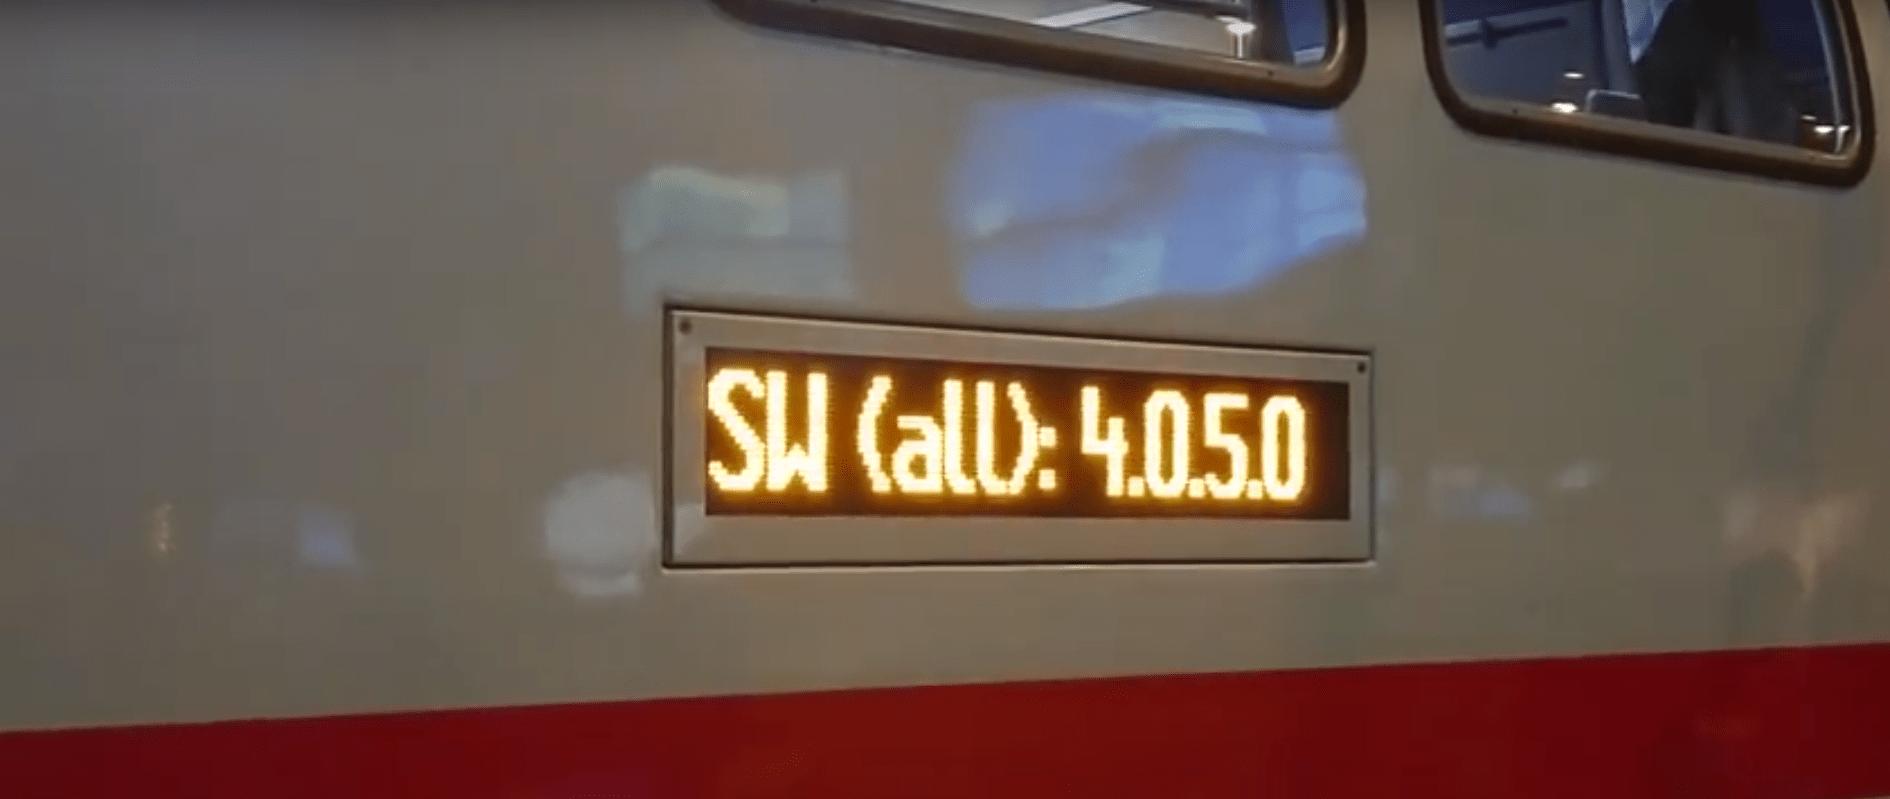 IC2 (der neue Intercity) ist auskunftsfreudig